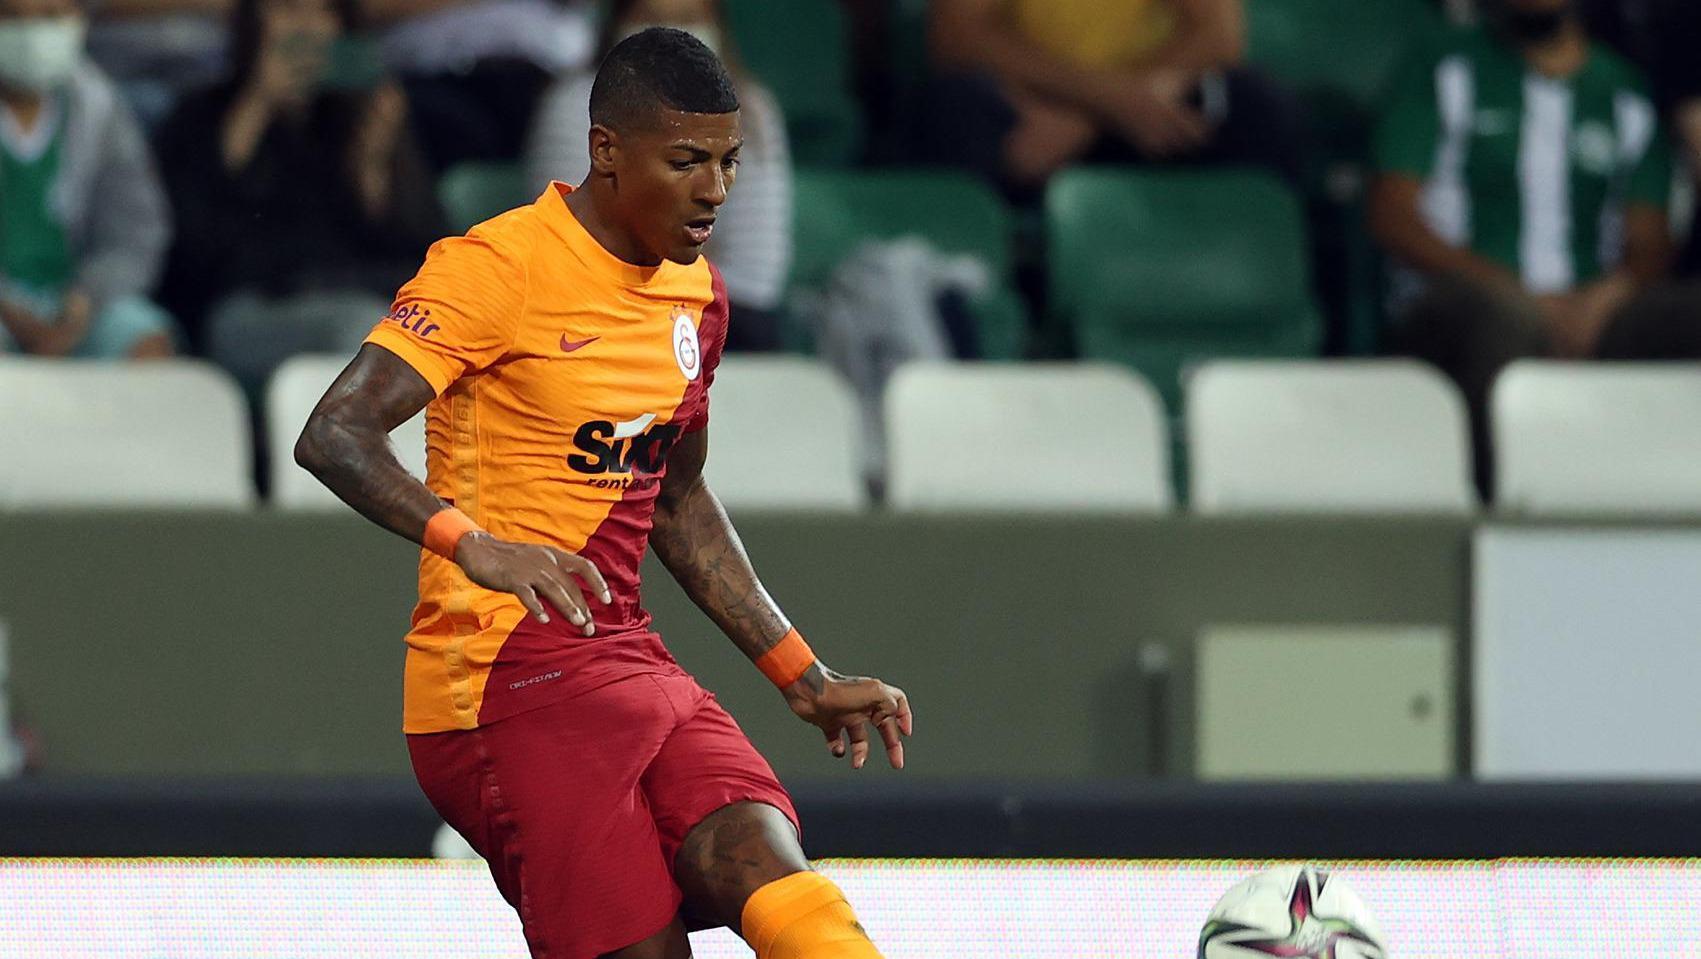 Galatasarayda Patrick van Aanholttan lige iyi başlamanın önemine